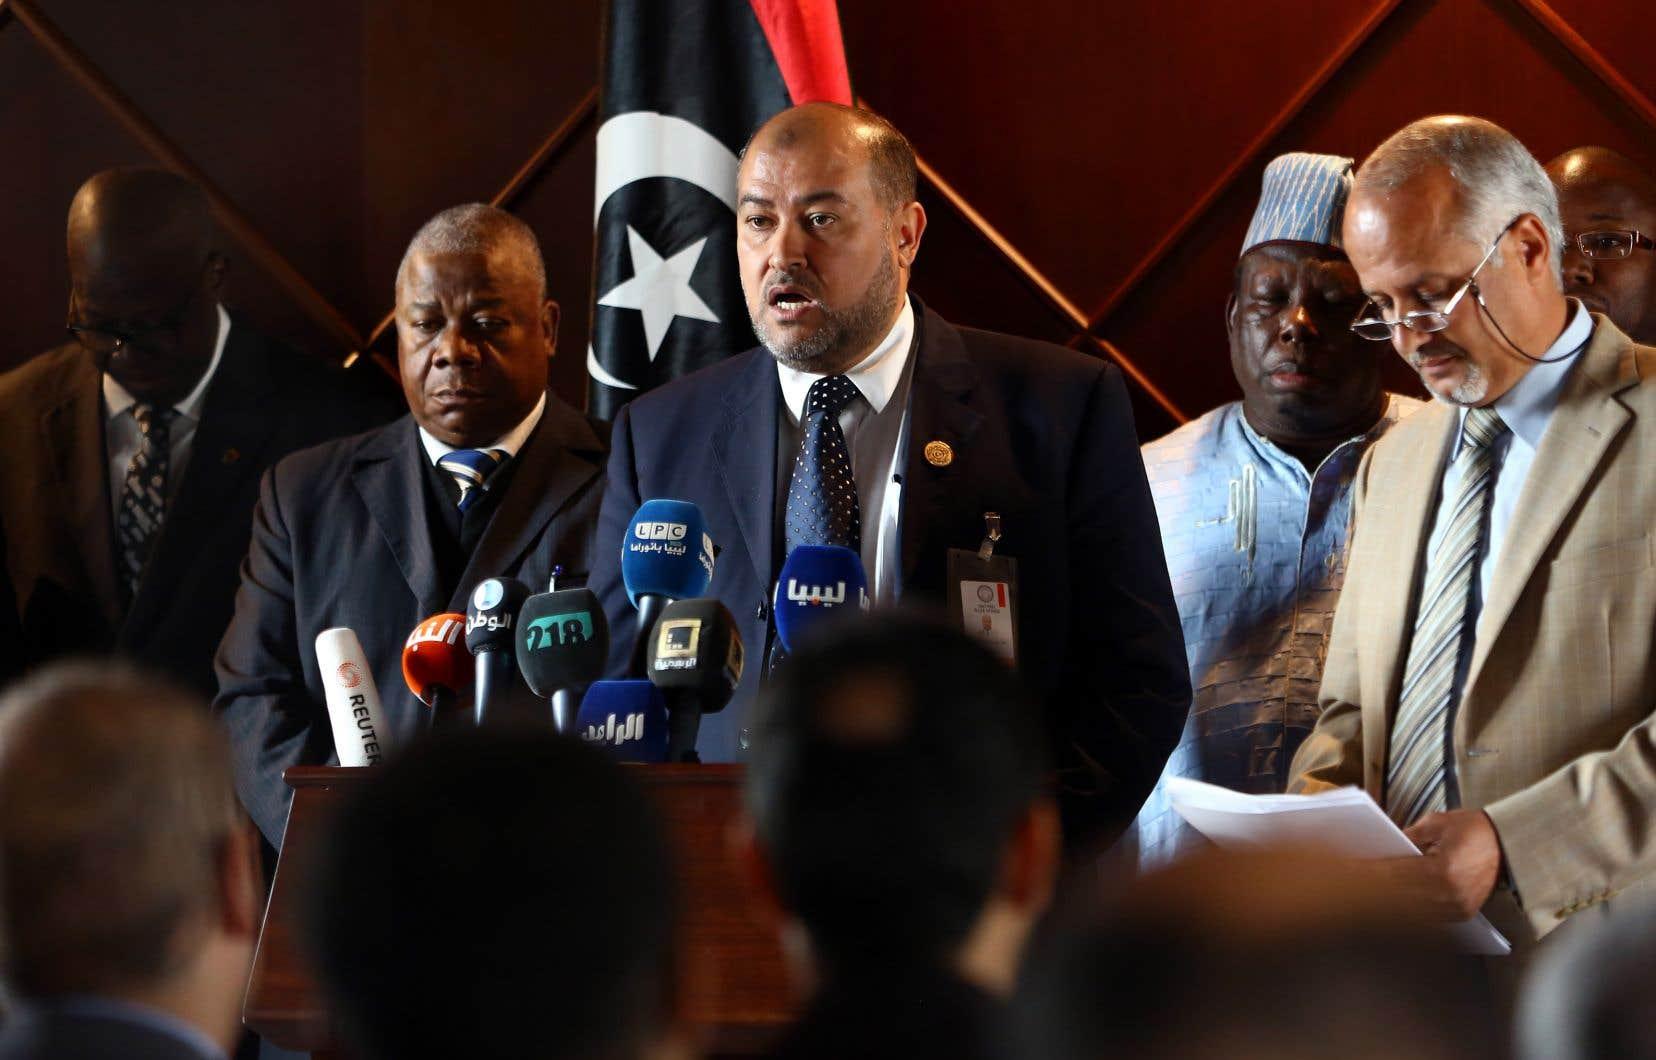 Les faits décrits, qualifiés d'actes «inhumains et contraires à la culture et aux traditions du peuple libyen», «font l'objet d'une enquête», a indiqué le ministère des Affaires étrangères dans un communiqué lu devant la presse.